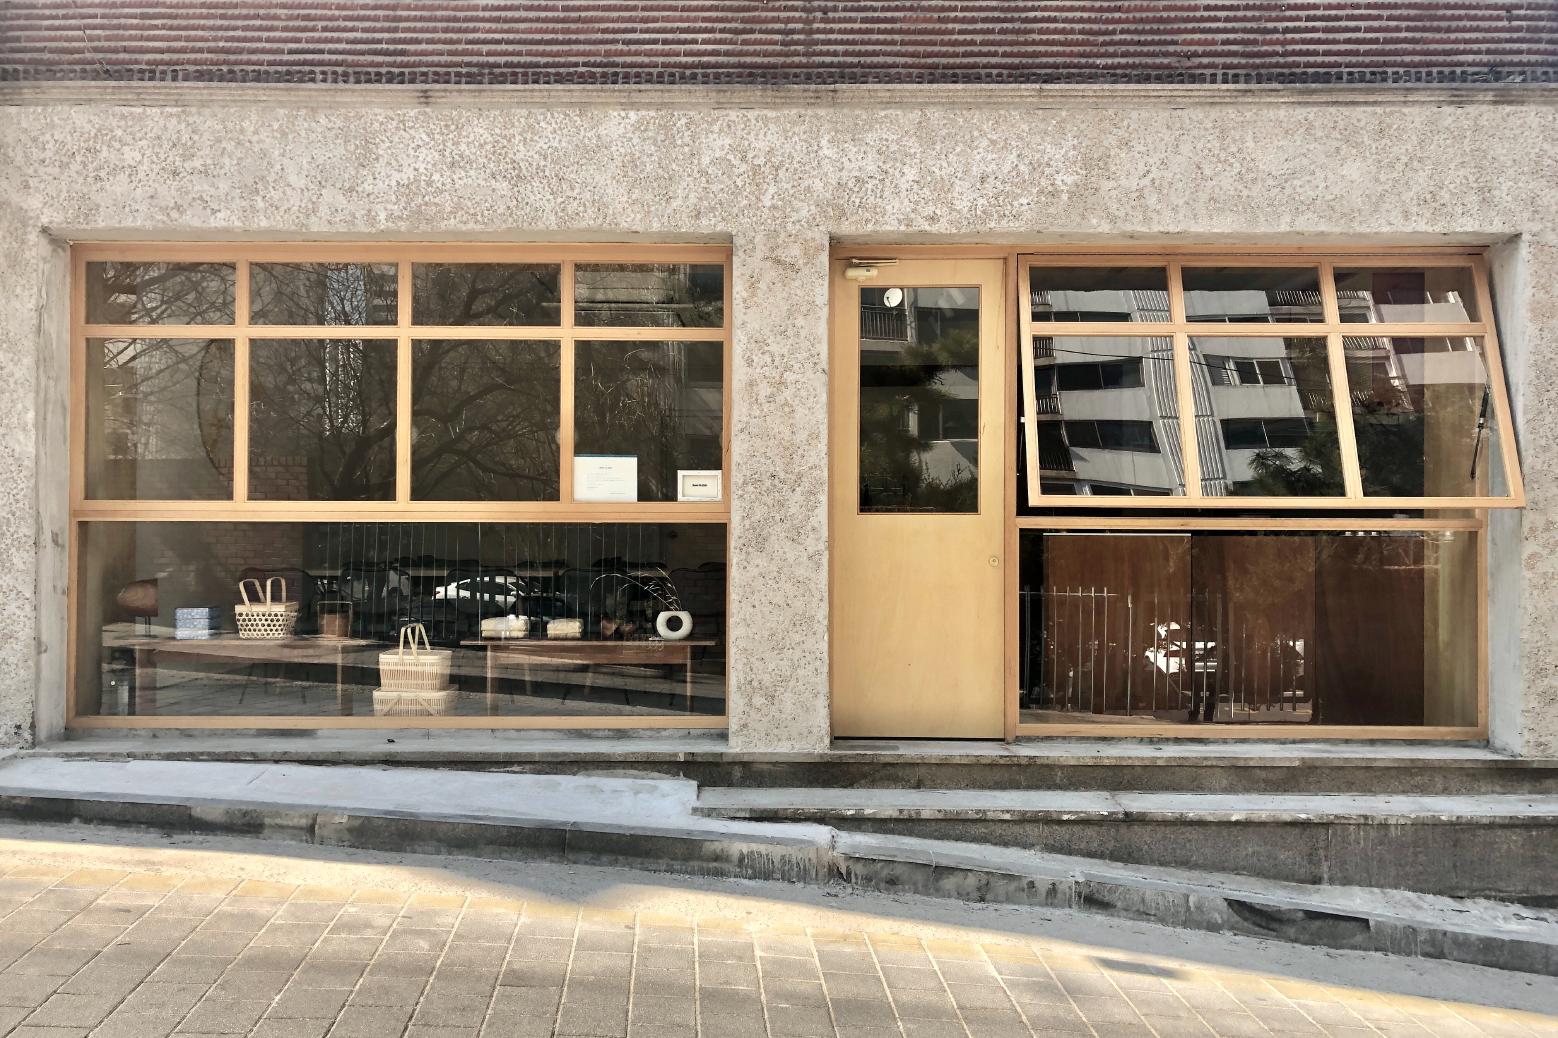 Вид на здание ресторана с большими приоткрытыми окнами, по одному слева и справа.